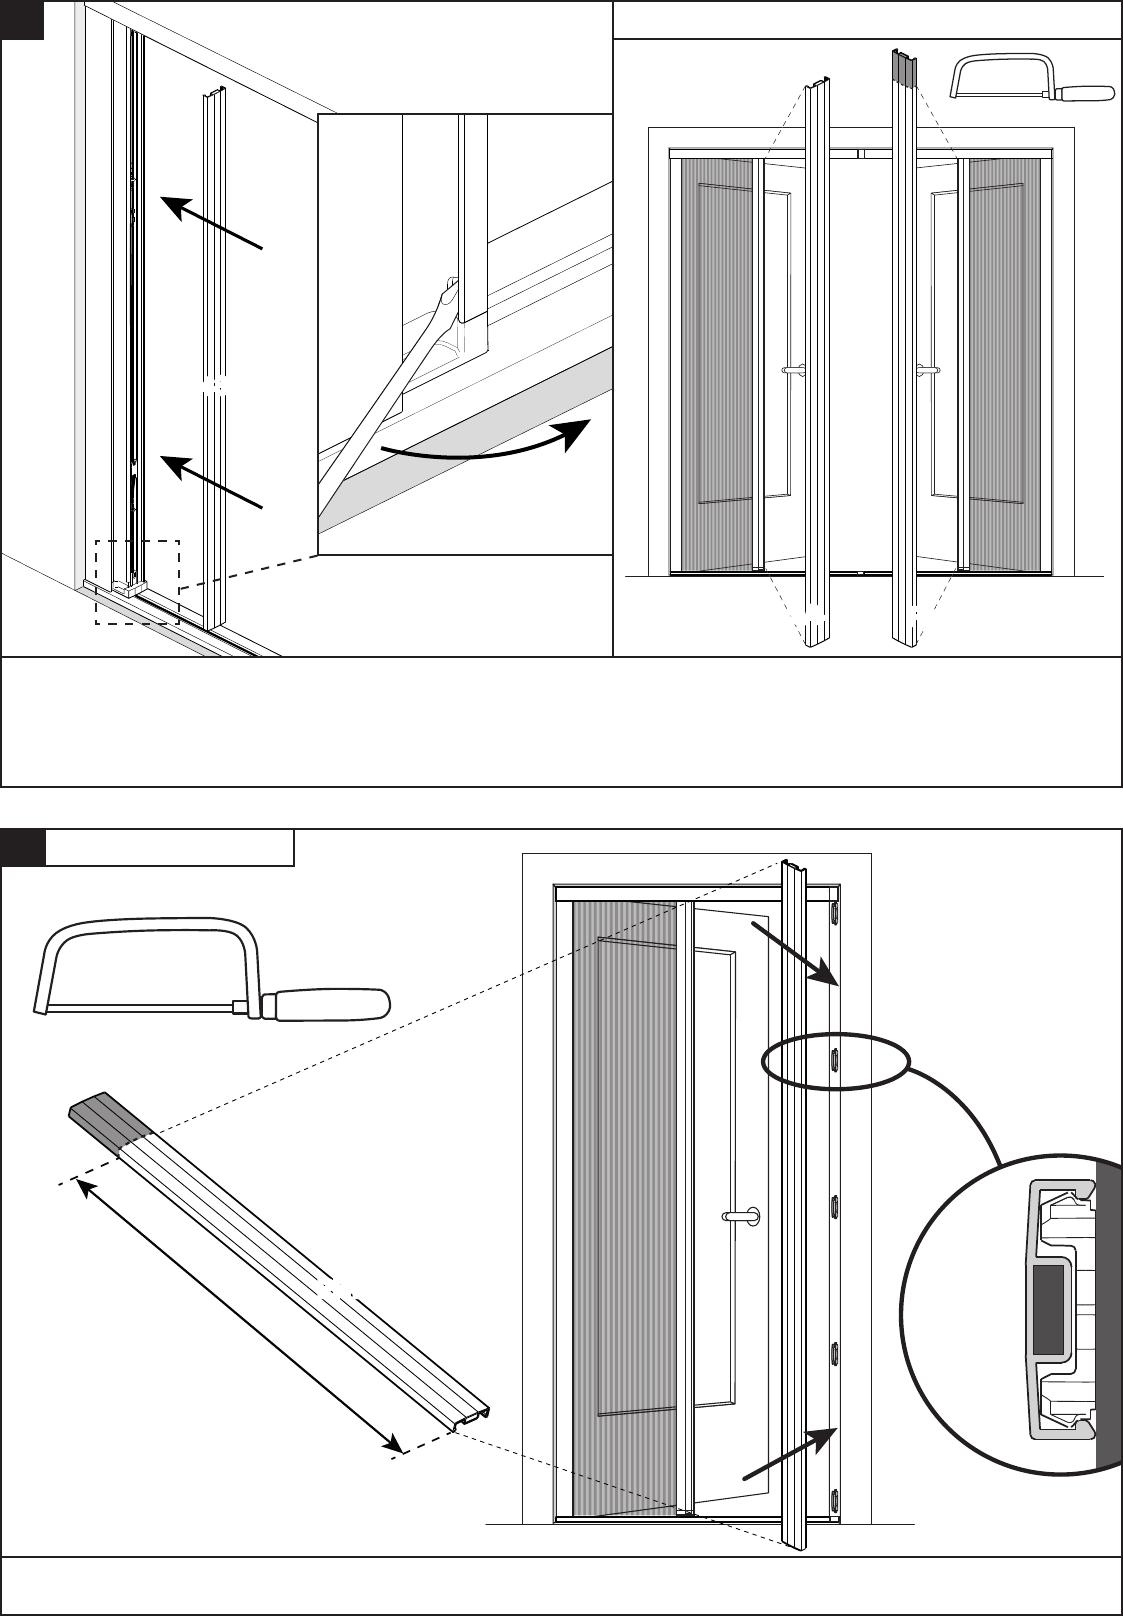 Favoriete Handleiding Bruynzeel 634576 S700 Plisse Hordeur (pagina 11 van 12 DP19